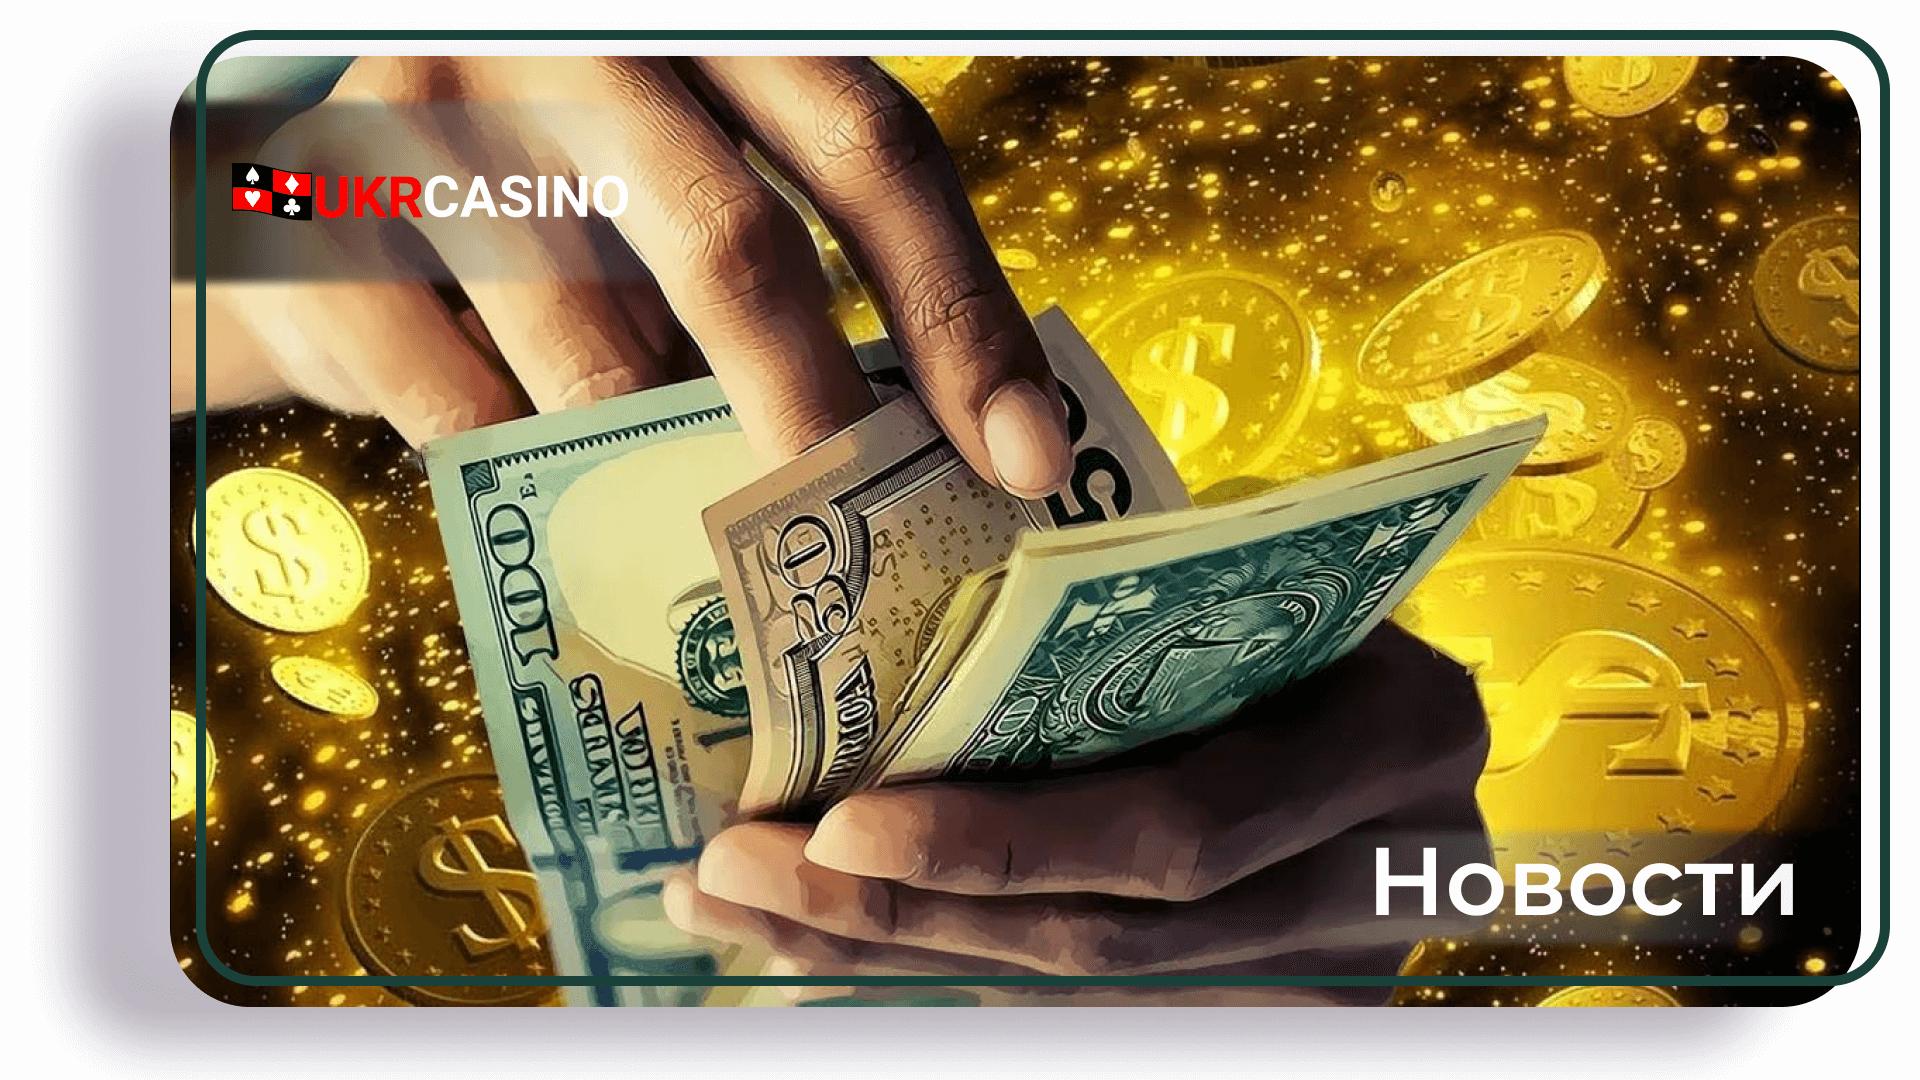 Как получить свой выигрыш в онлайн-казино без проблем